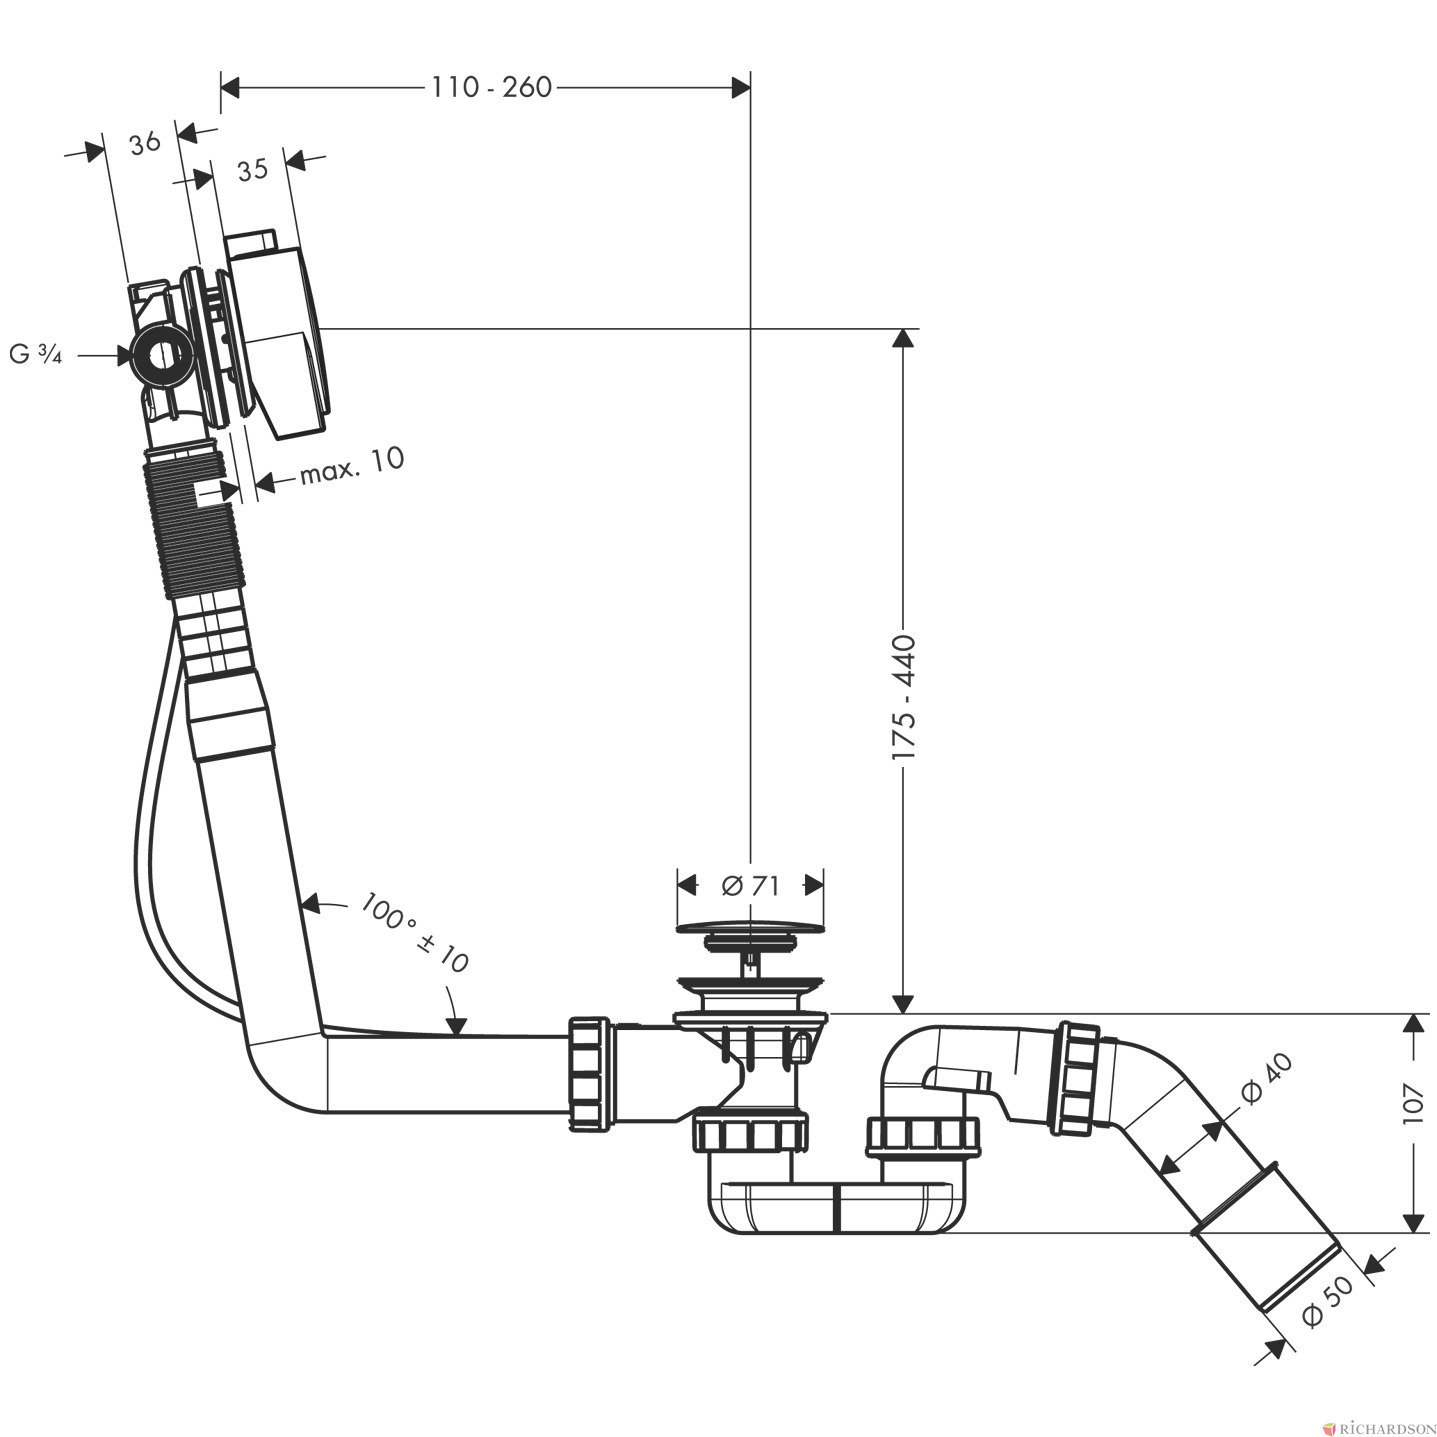 Schéma technique : vidage et remplissage Exafill